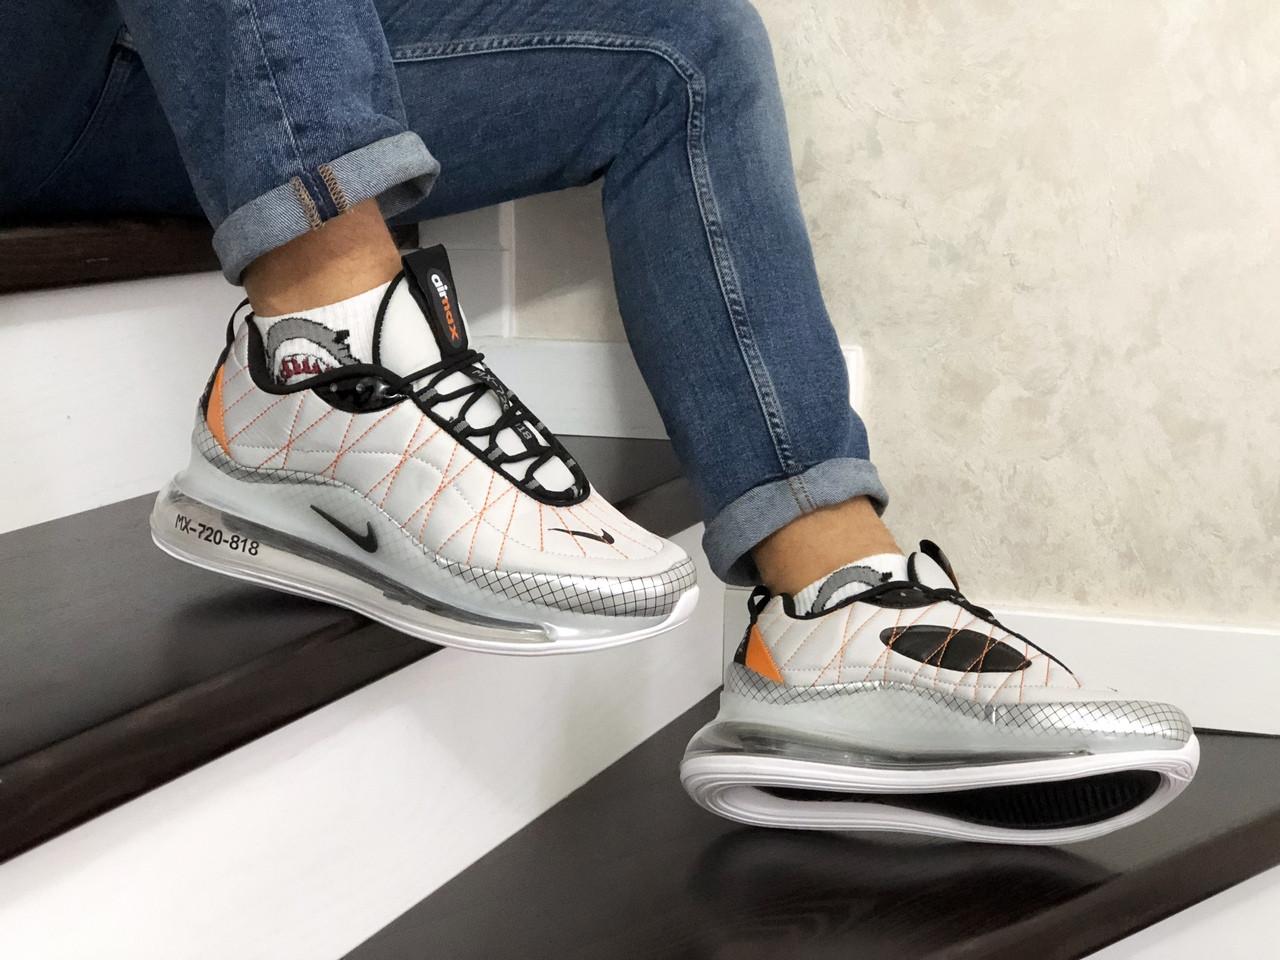 Мужские кроссовки Nike Air Max 720 (светло-серые с оранжевым) - термо